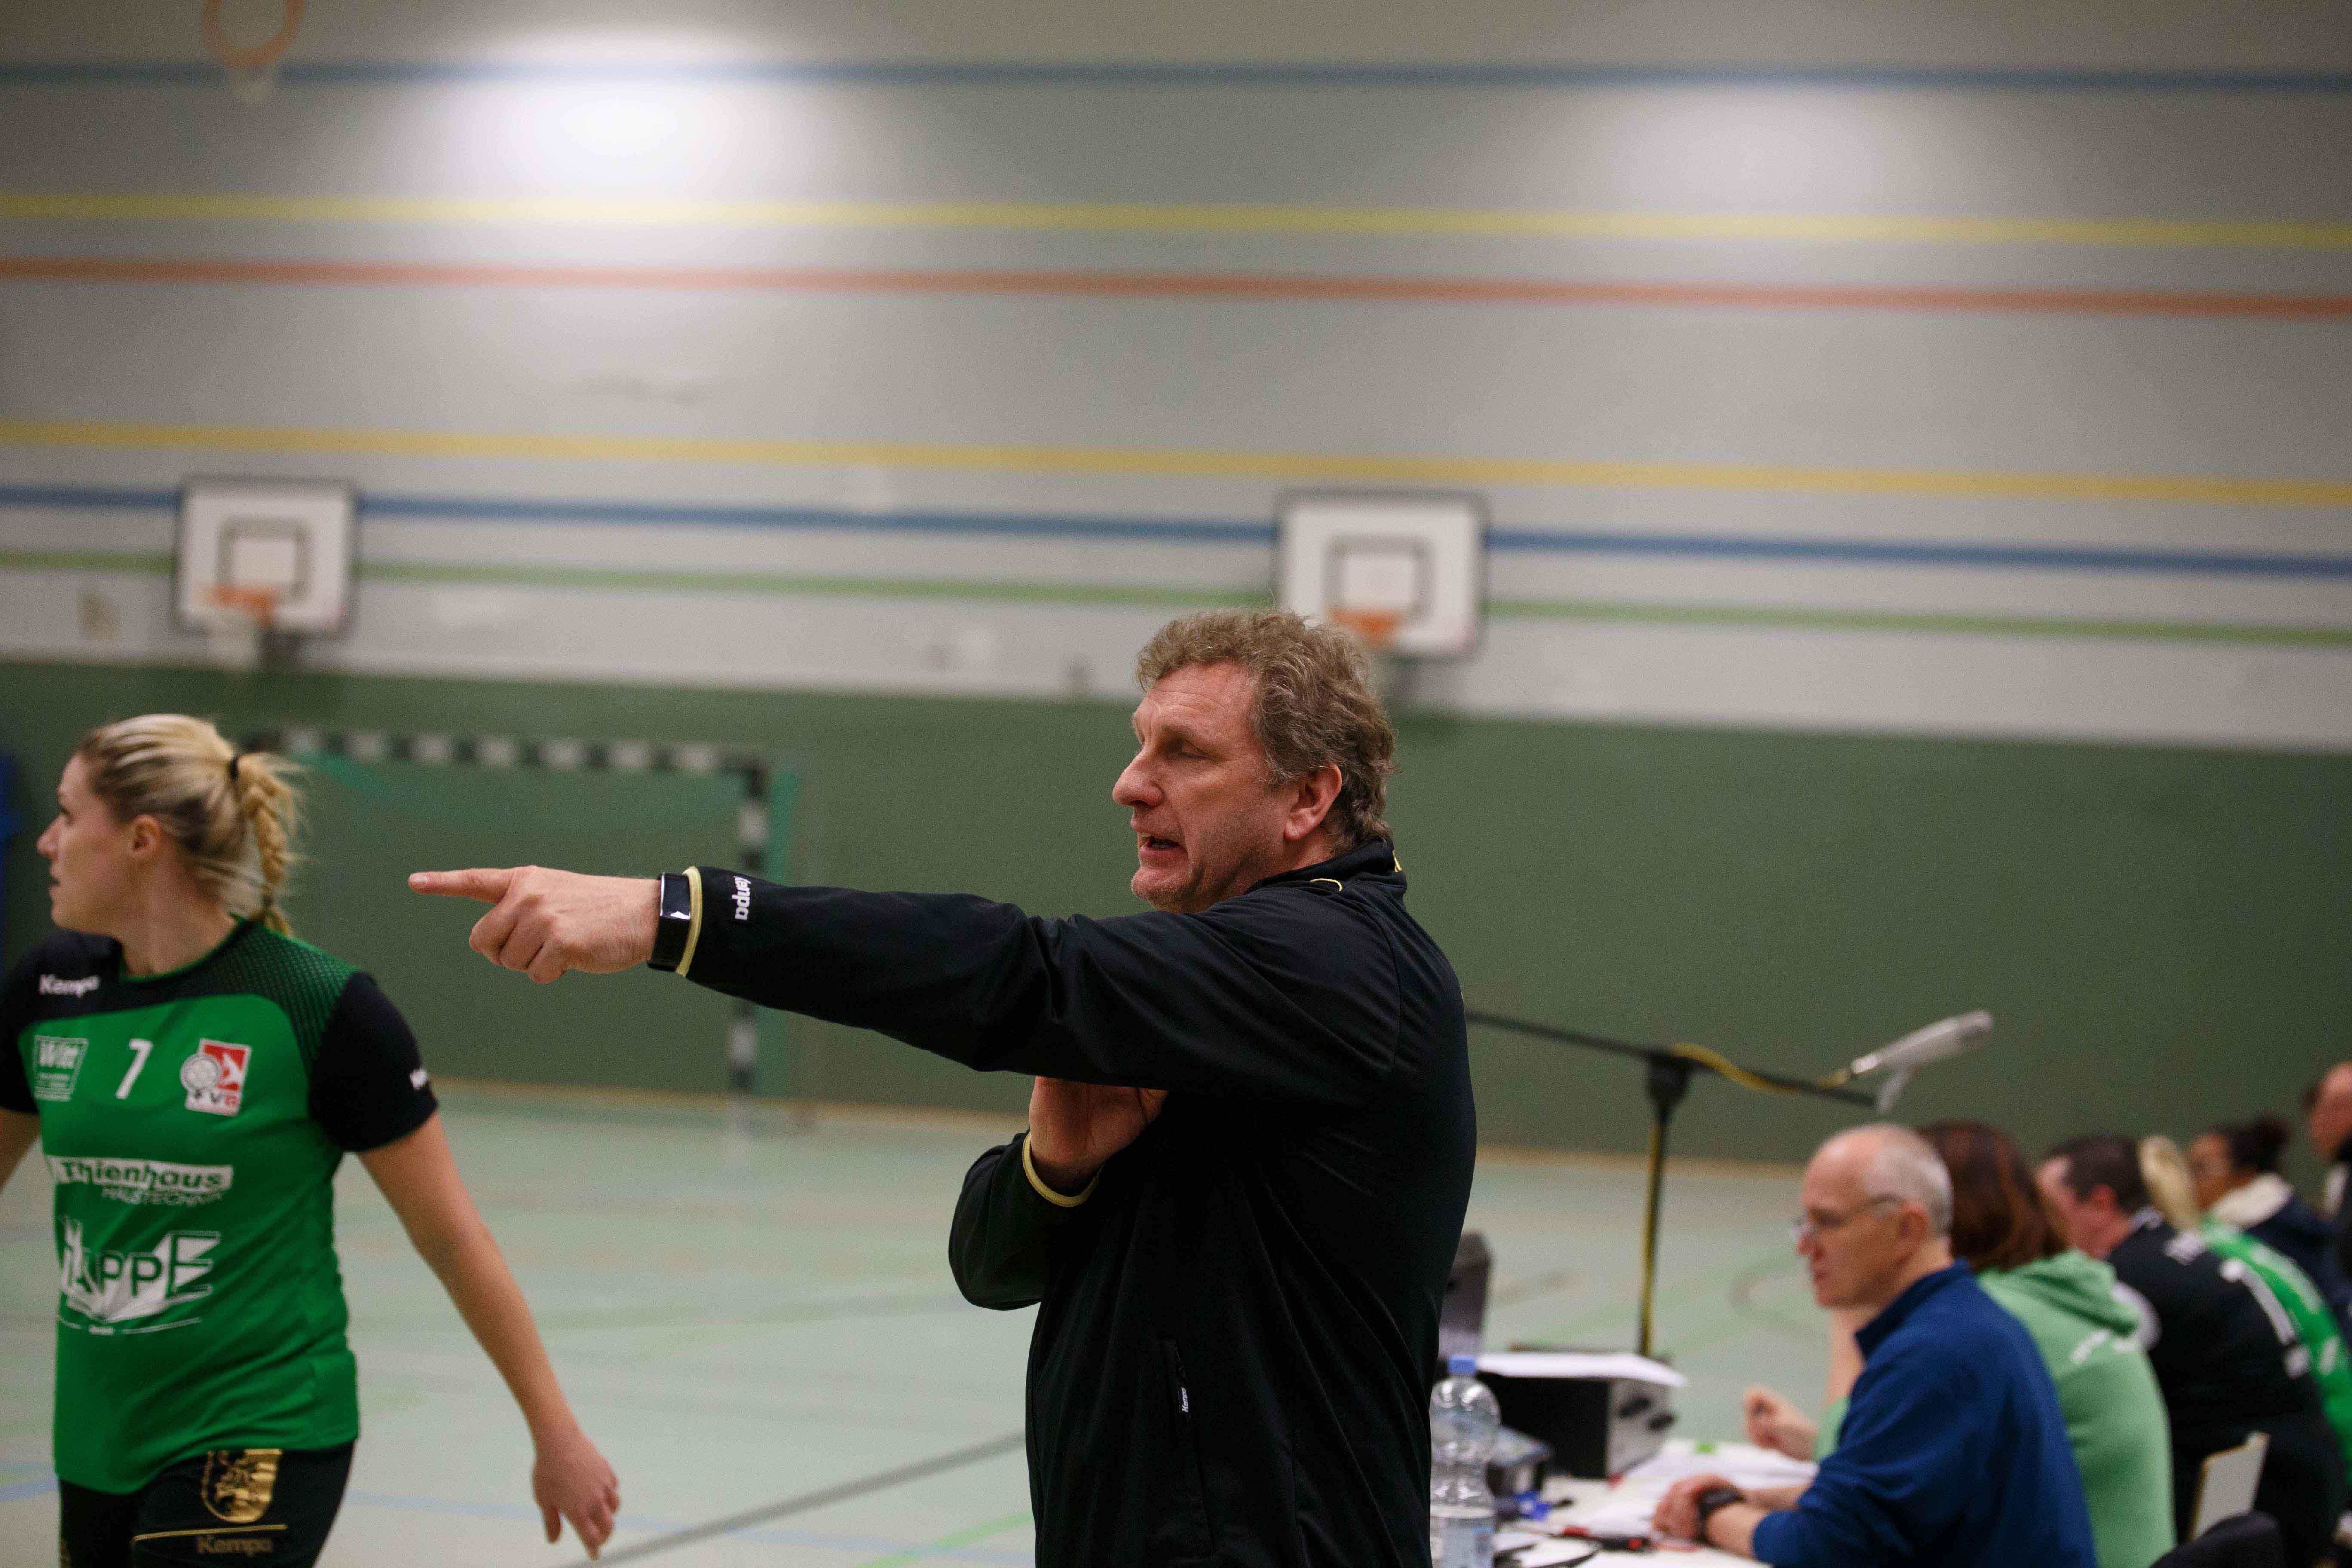 Handball0800